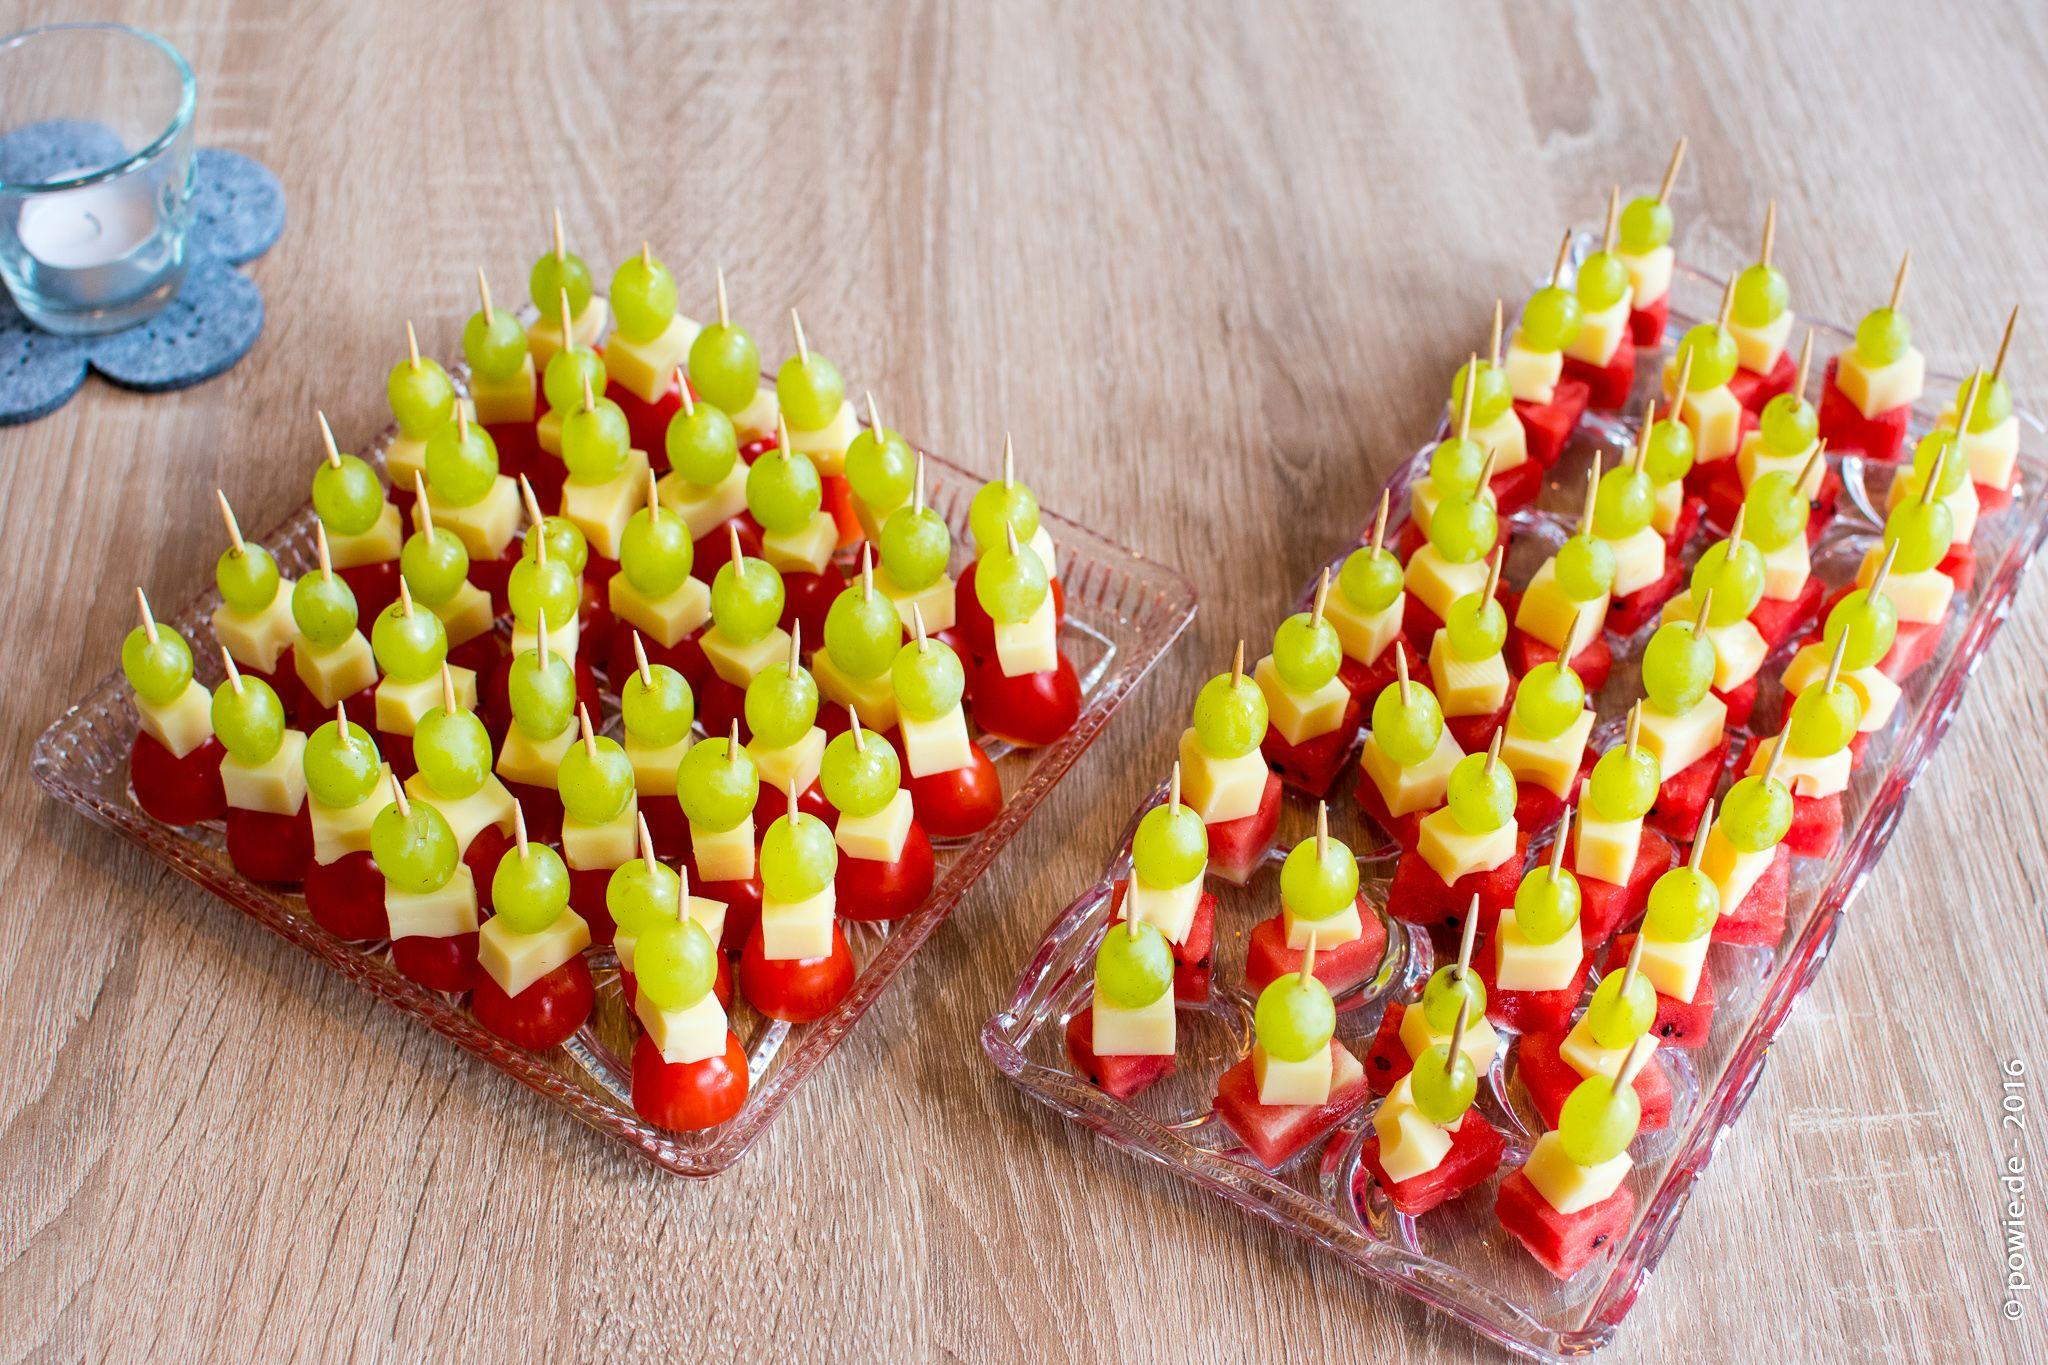 fingerfood mit den zutaten tomaten k se melone und. Black Bedroom Furniture Sets. Home Design Ideas